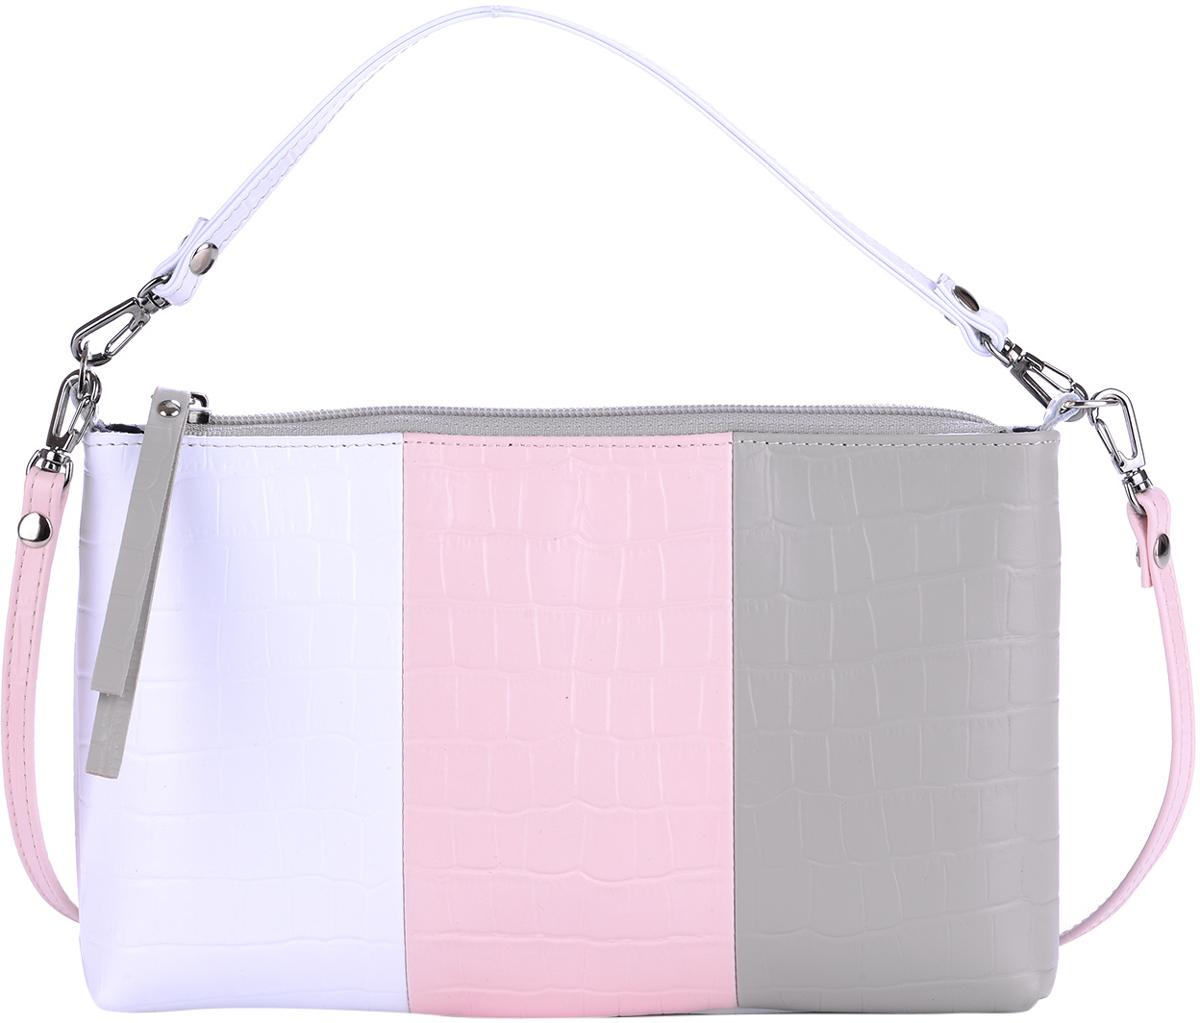 Сумка женская Esse Регина, цвет: розовый, белый, серыйBM8434-58AEЭлегантная женская сумка Esse Регина изготовлена из натуральной кожи и застёгивается на застёжку-молнию. Сумка состоит из одного отделения и содержит врезной карман на молнии. На задней стенке предусмотрен врезной карман на молнии. Сумка оснащена съёмной тонкой ручкой для переноски в руке и плечевым ремнем.